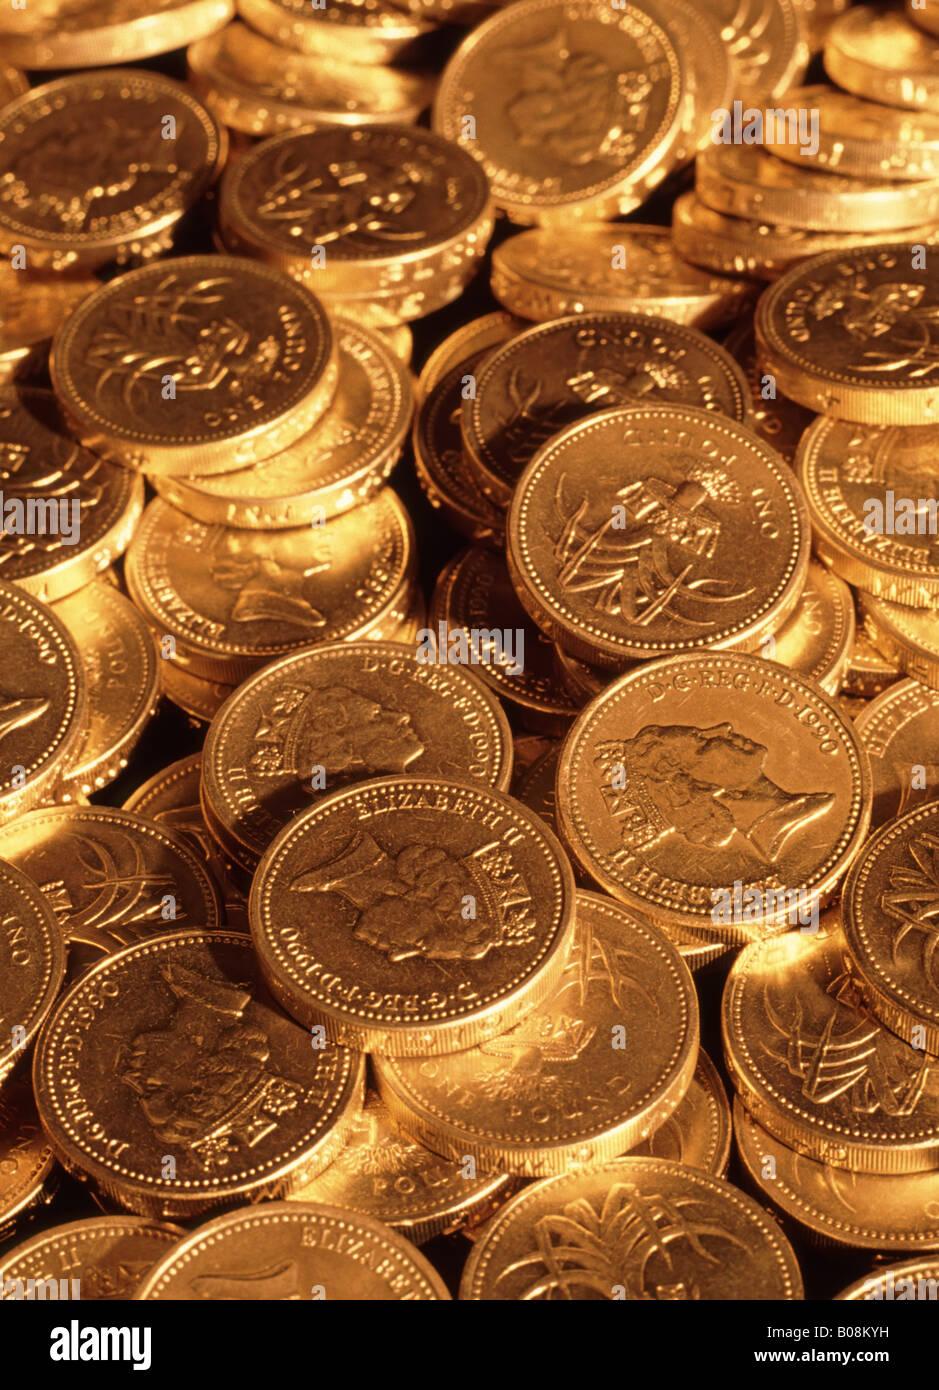 Sterlina monete sotto illuminazione d'oro (corso legale in Inghilterra Scozia Galles) Immagini Stock